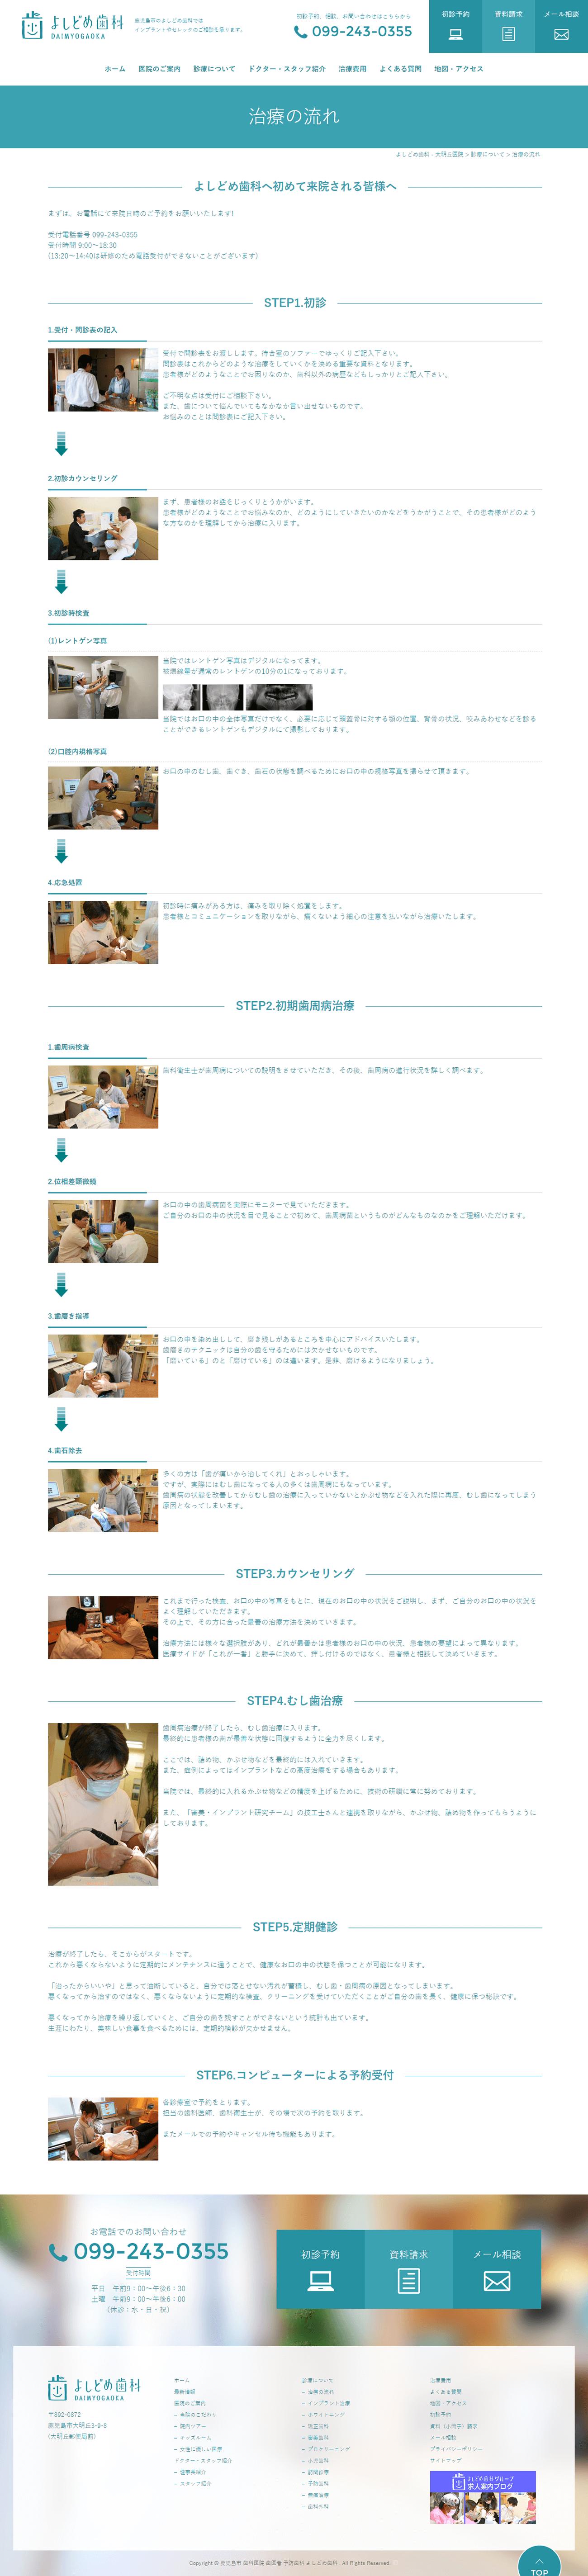 鹿児島市 よしどめ歯科 ホームページ制作2